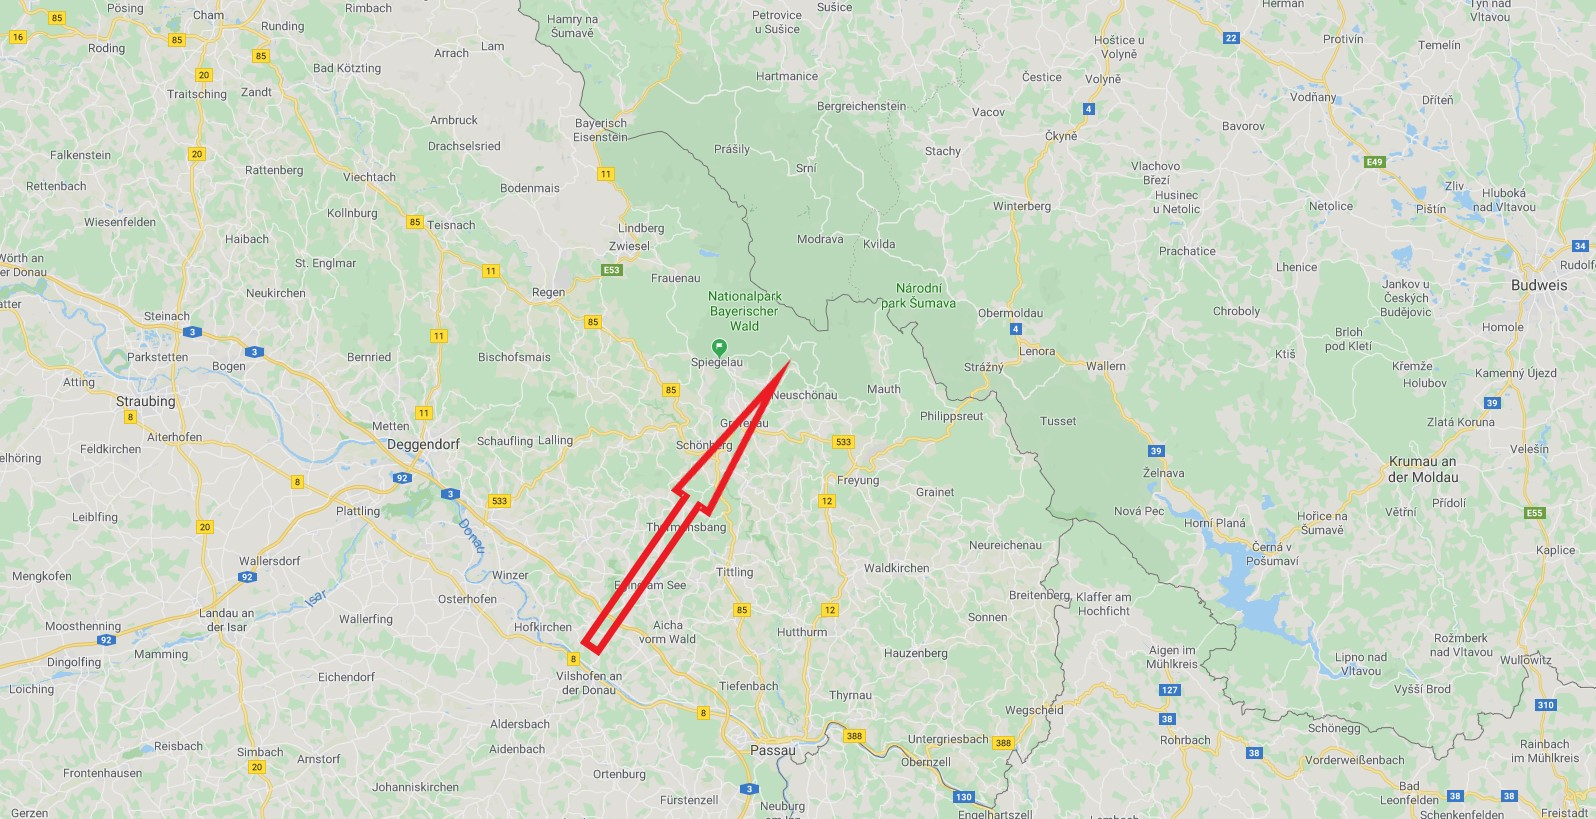 Landkarte Bayrischer Wald